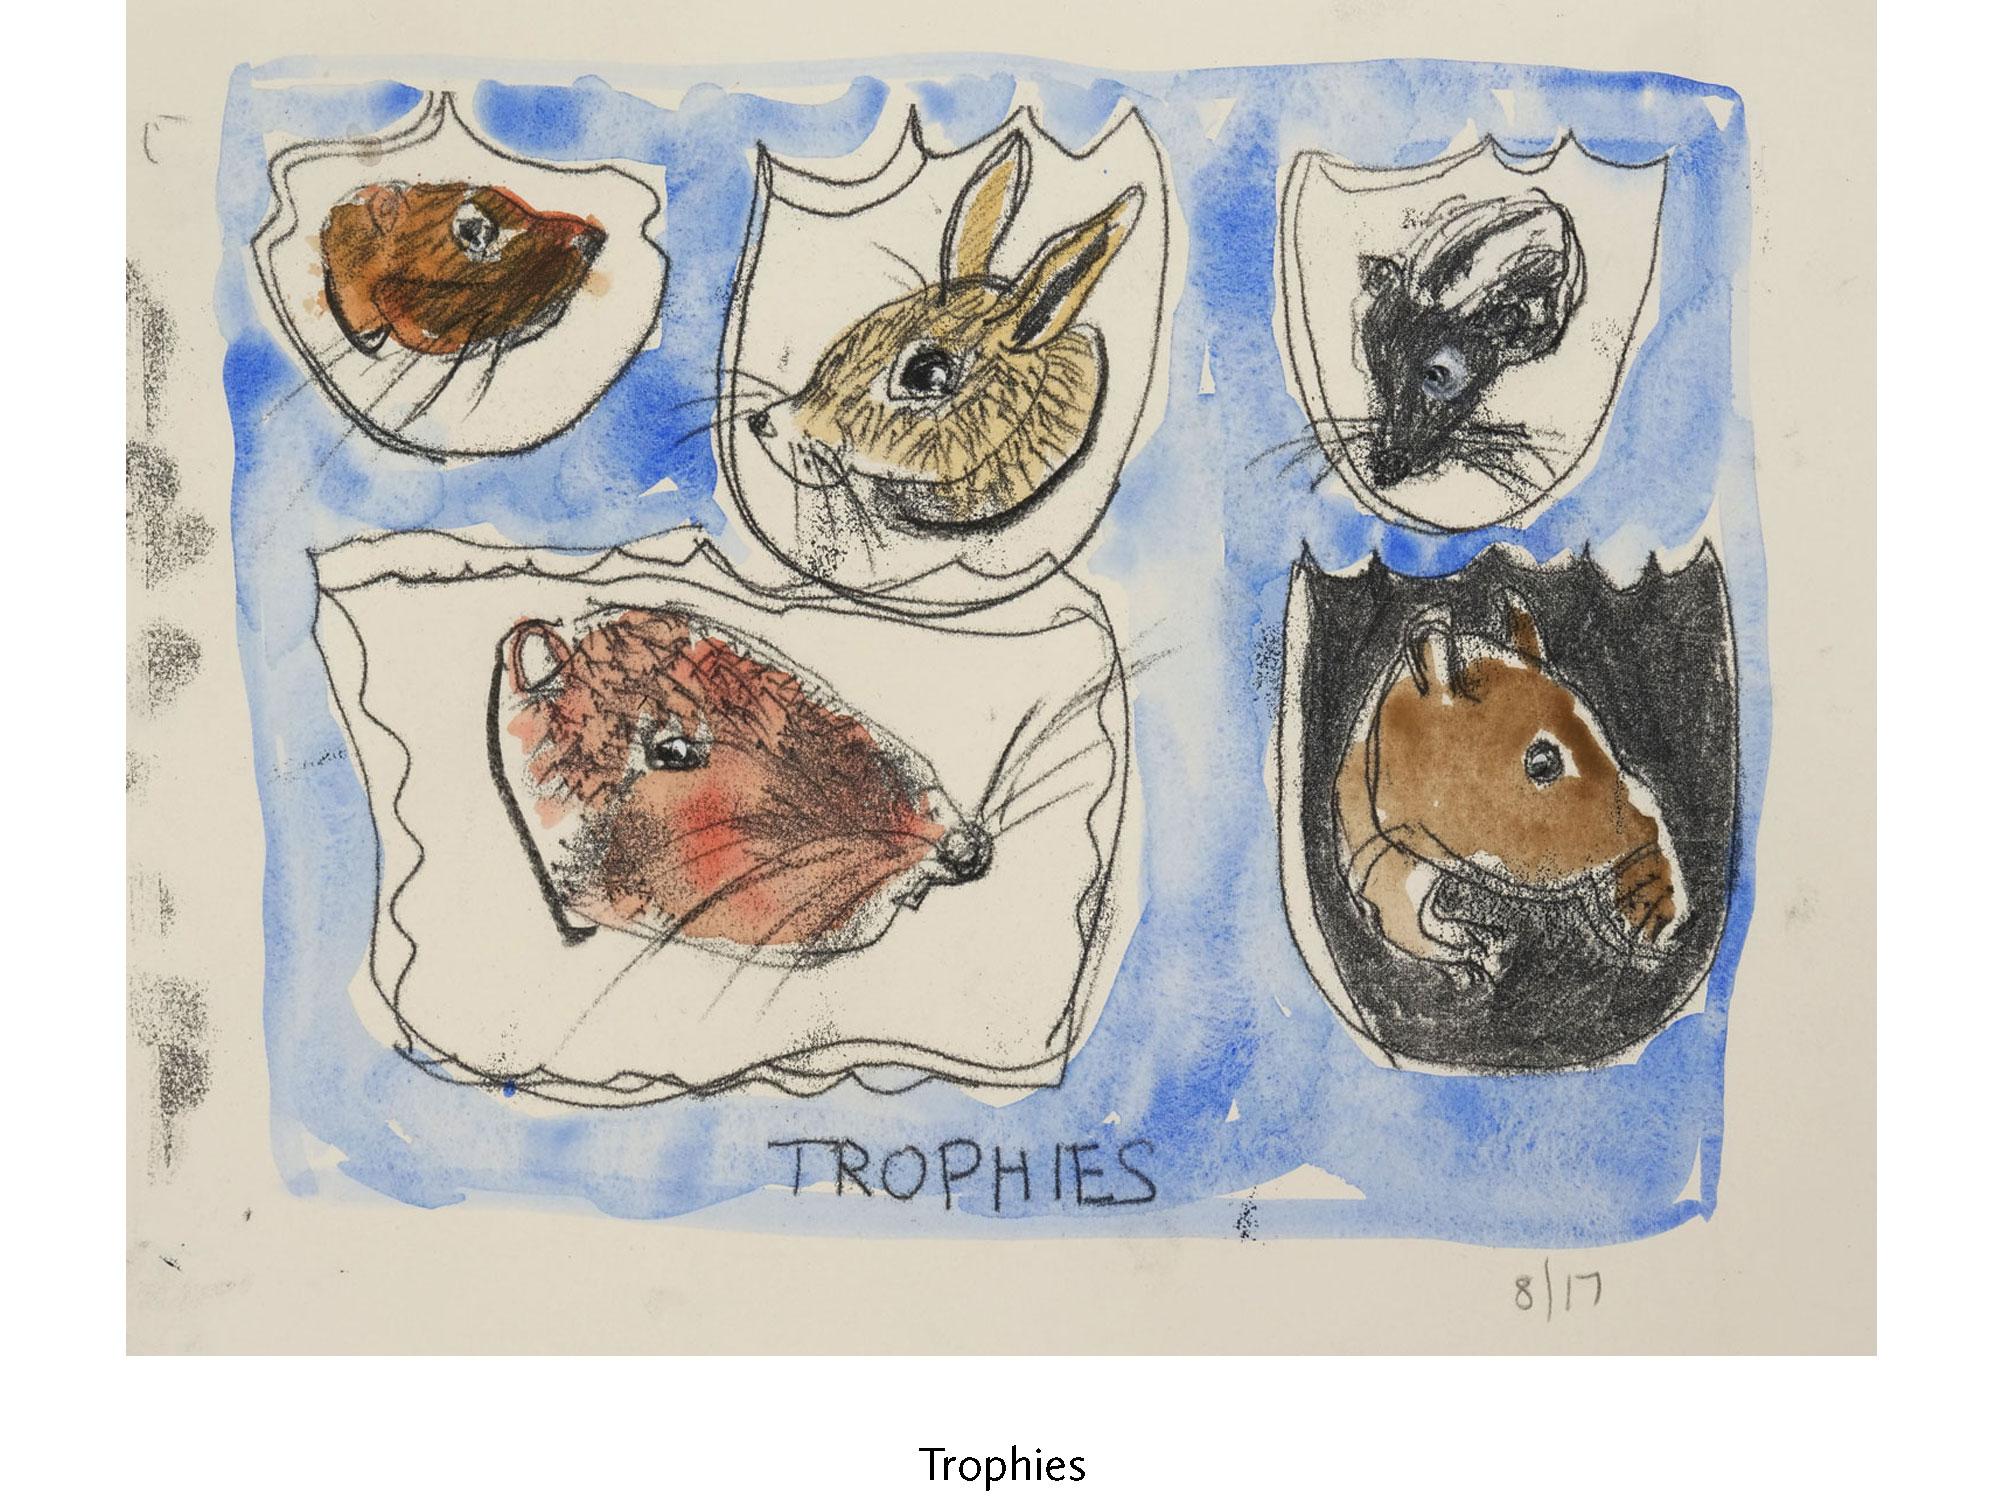 trophies_title.jpg